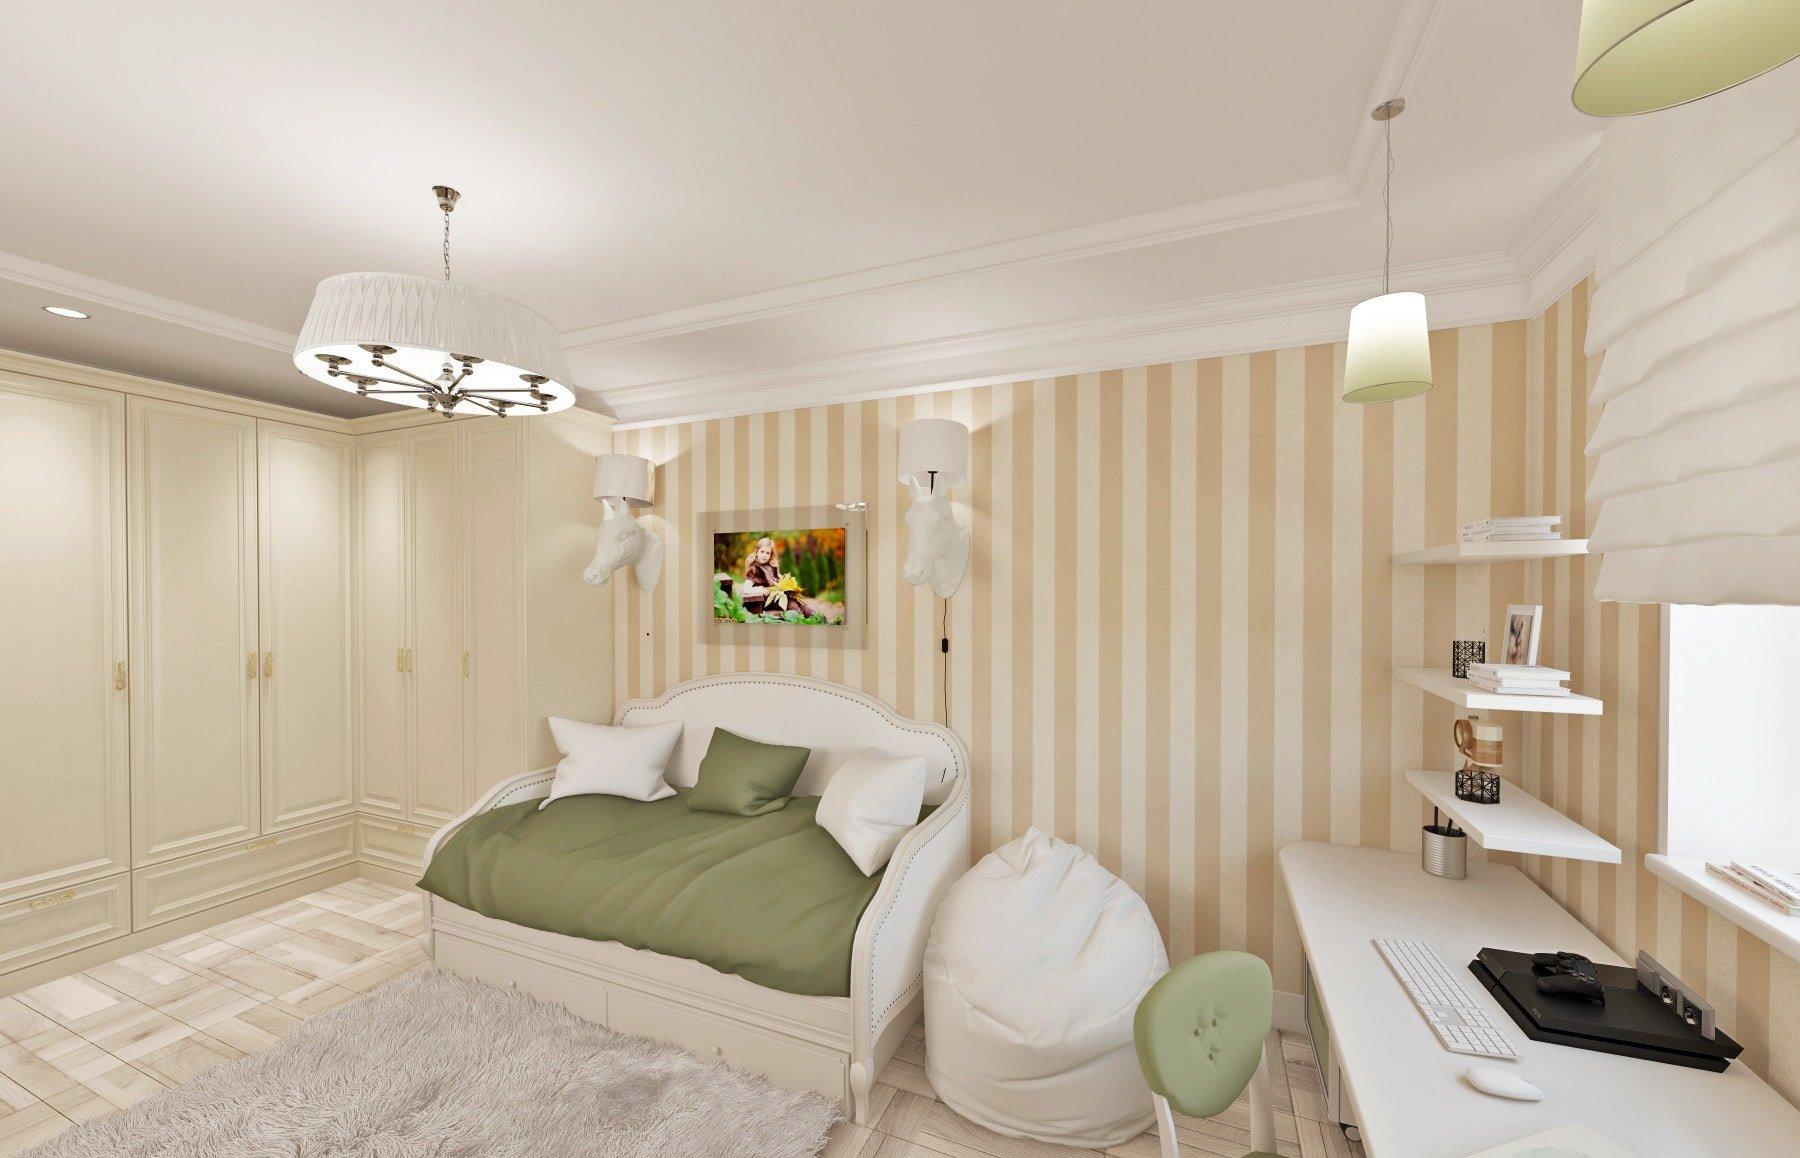 дизайн интерьера детской, современная классика, светлая комната, обои с вертикальными полосами, креативные бра голова лошади